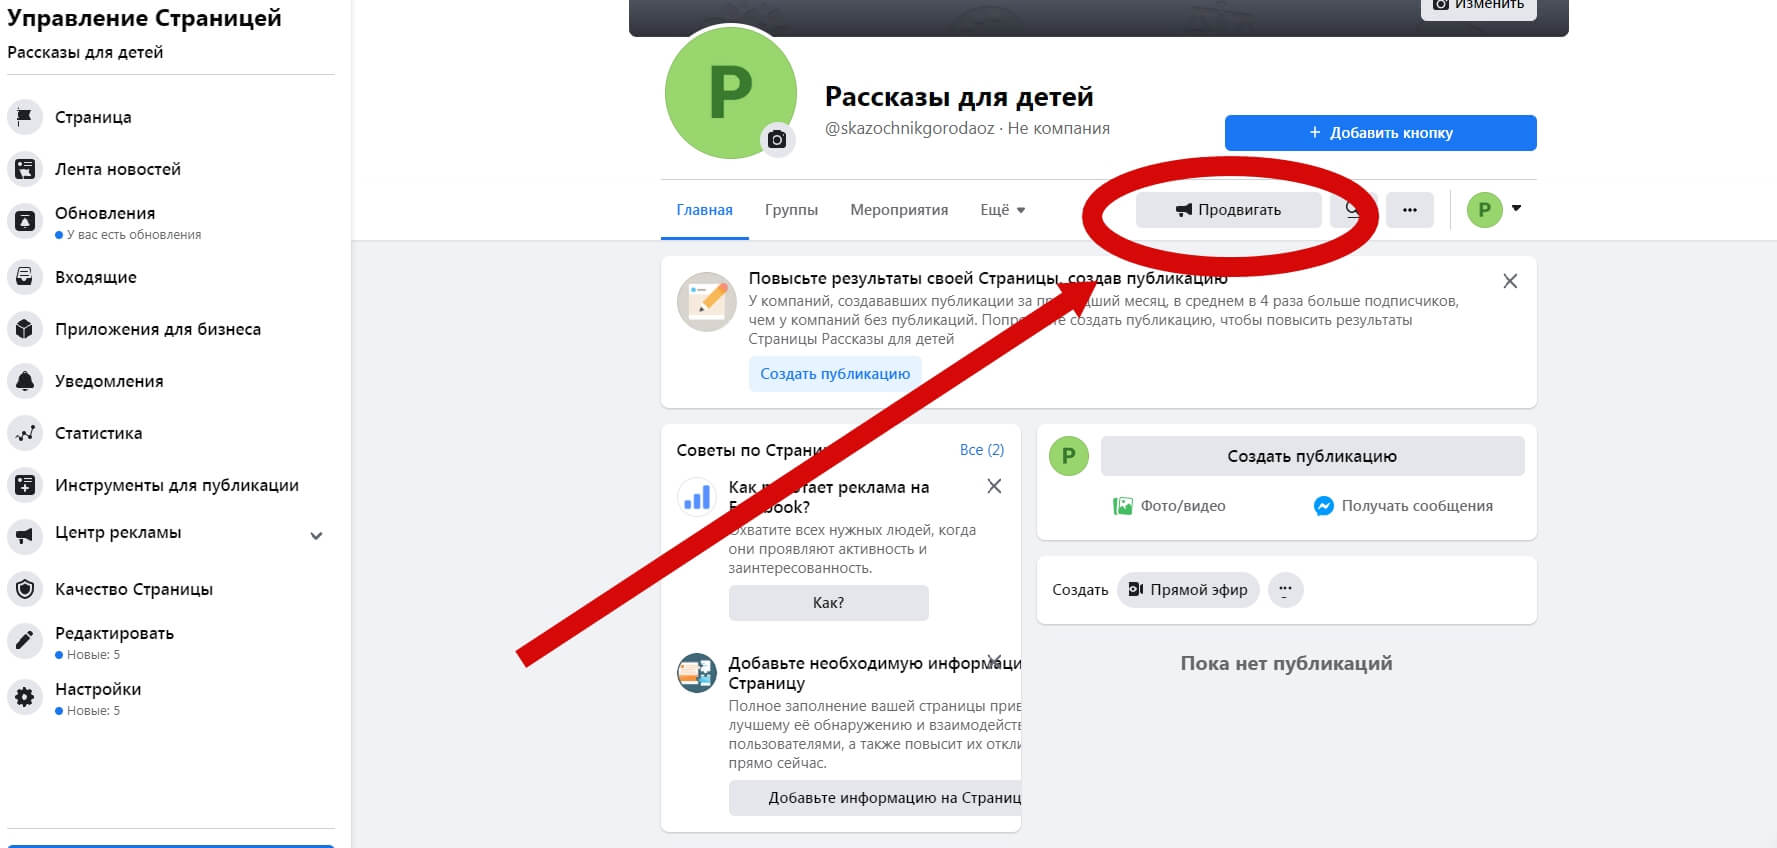 Найдите на Странице Фейсбука кнопку «Продвигать»